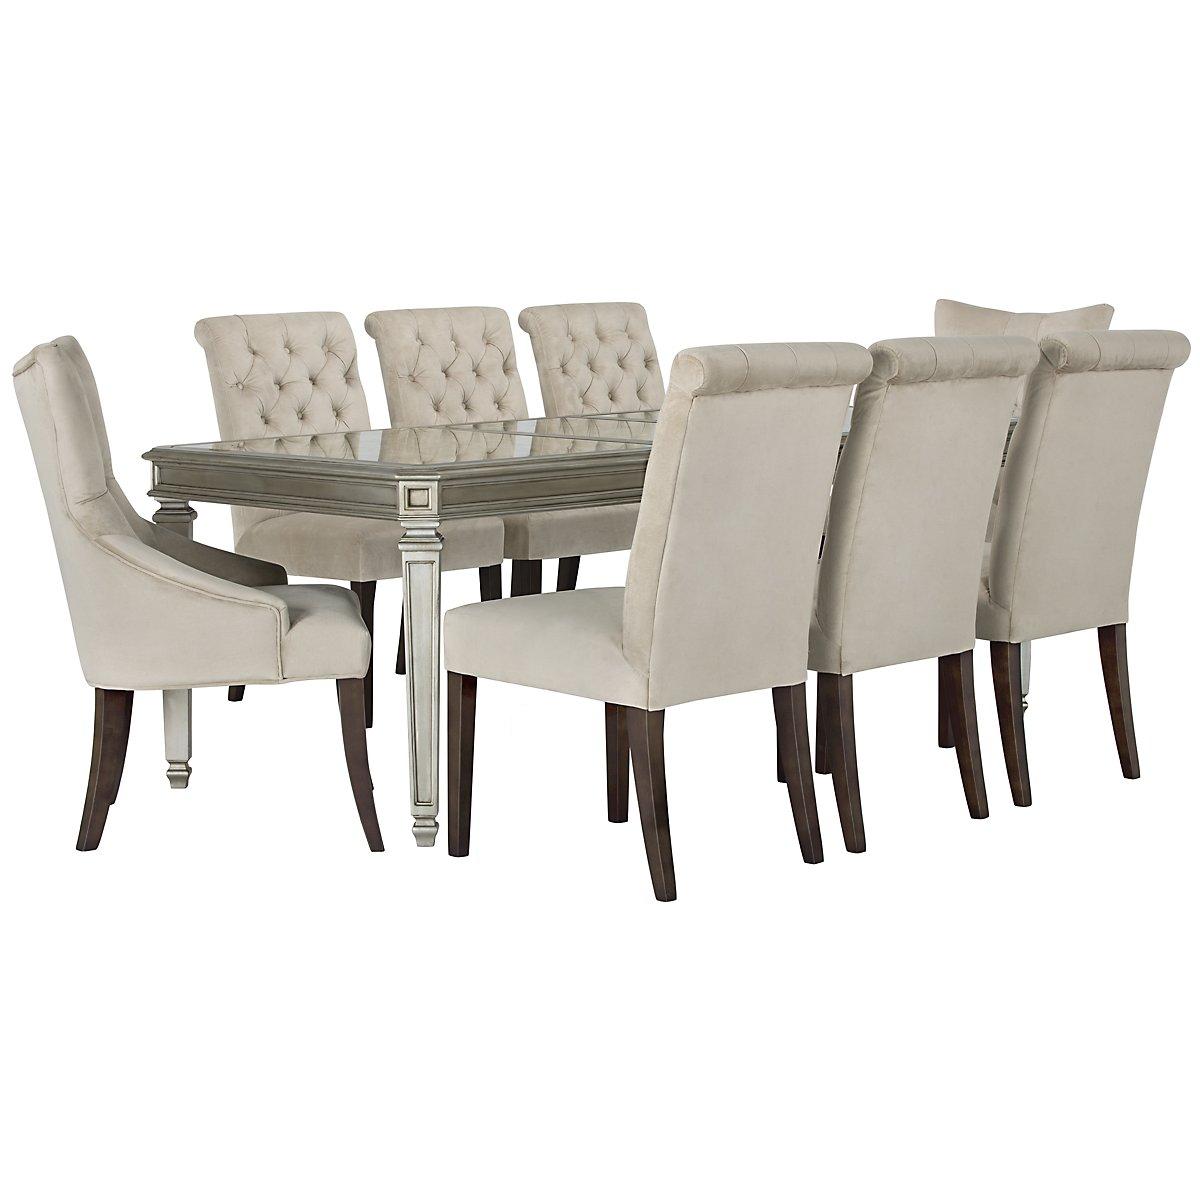 Sloane Light Beige Rectangular Table & 4 Upholstered Chairs